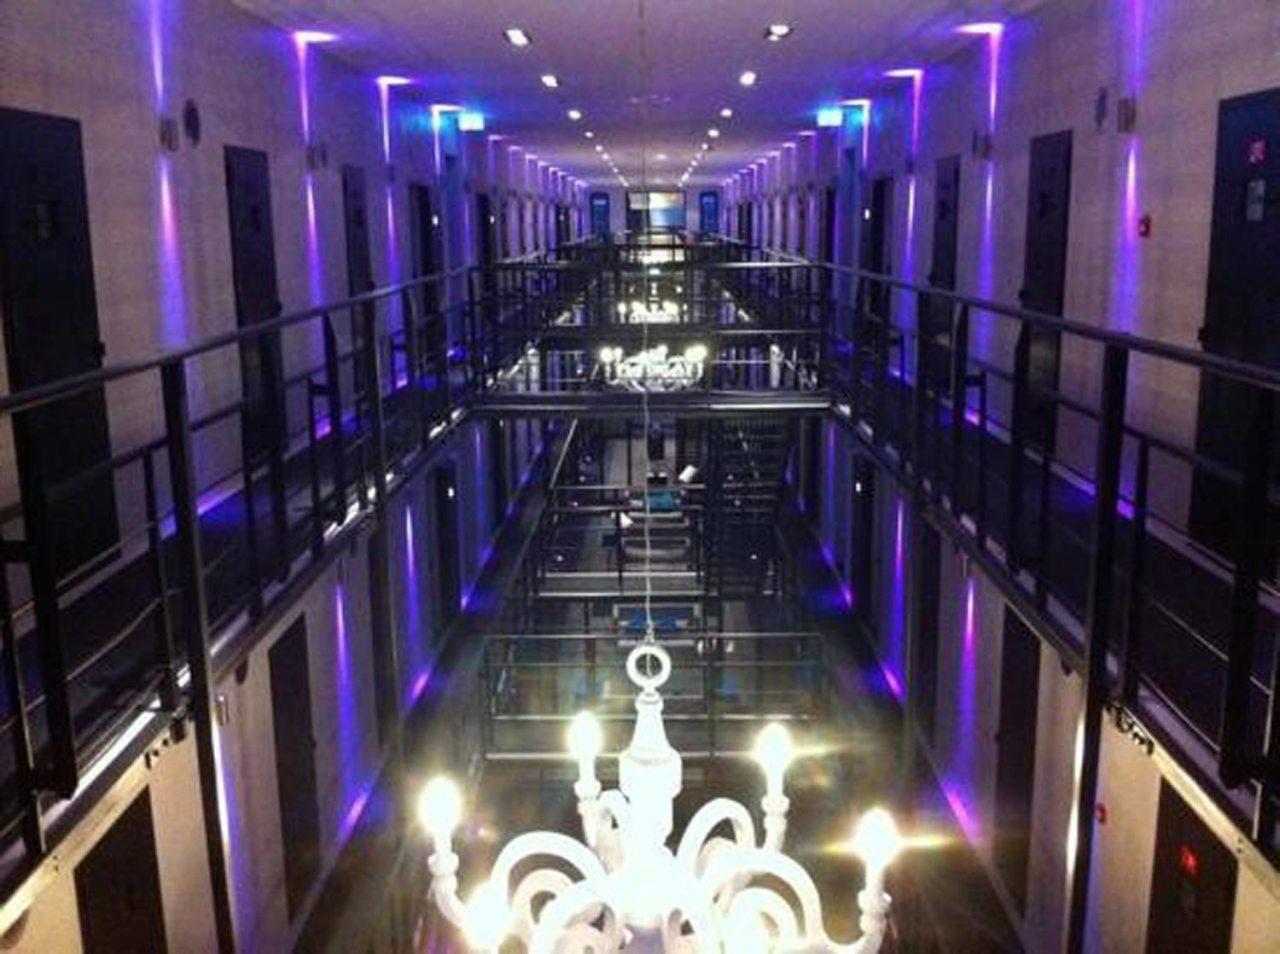 prison-jawad-luxe-cellule-luxueuse-03 Jawad Bendaoud transféré cette semaine dans une prison luxueuse de haut standing à Neuilly